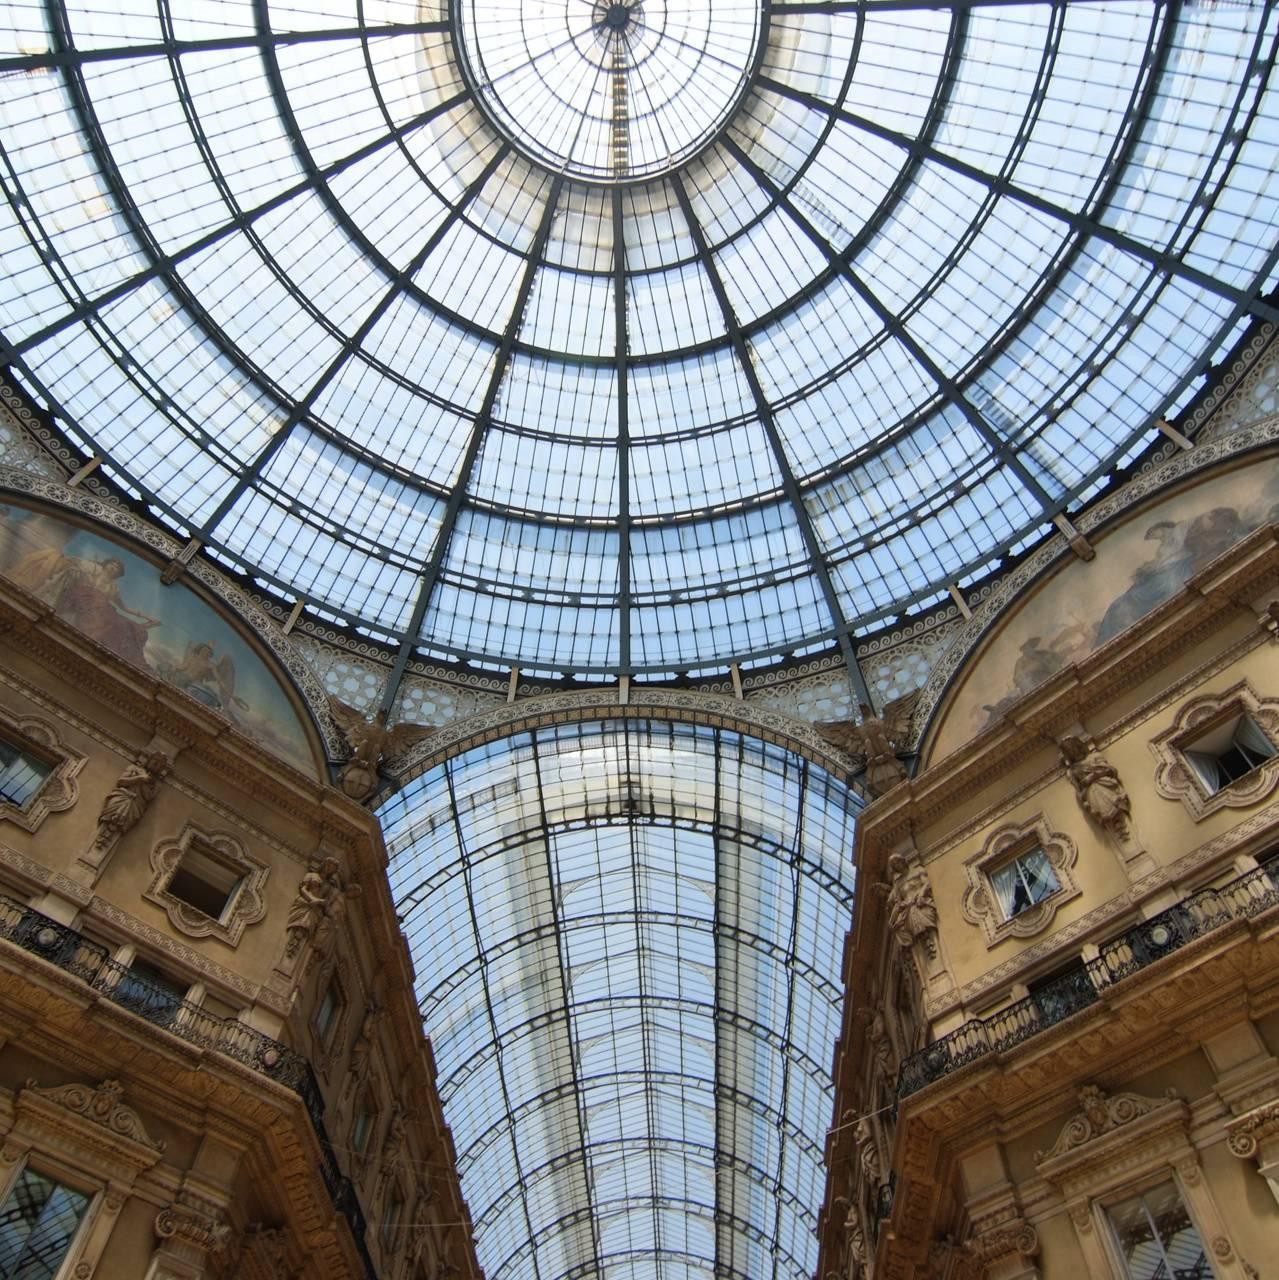 Galerie Vittorio Ema